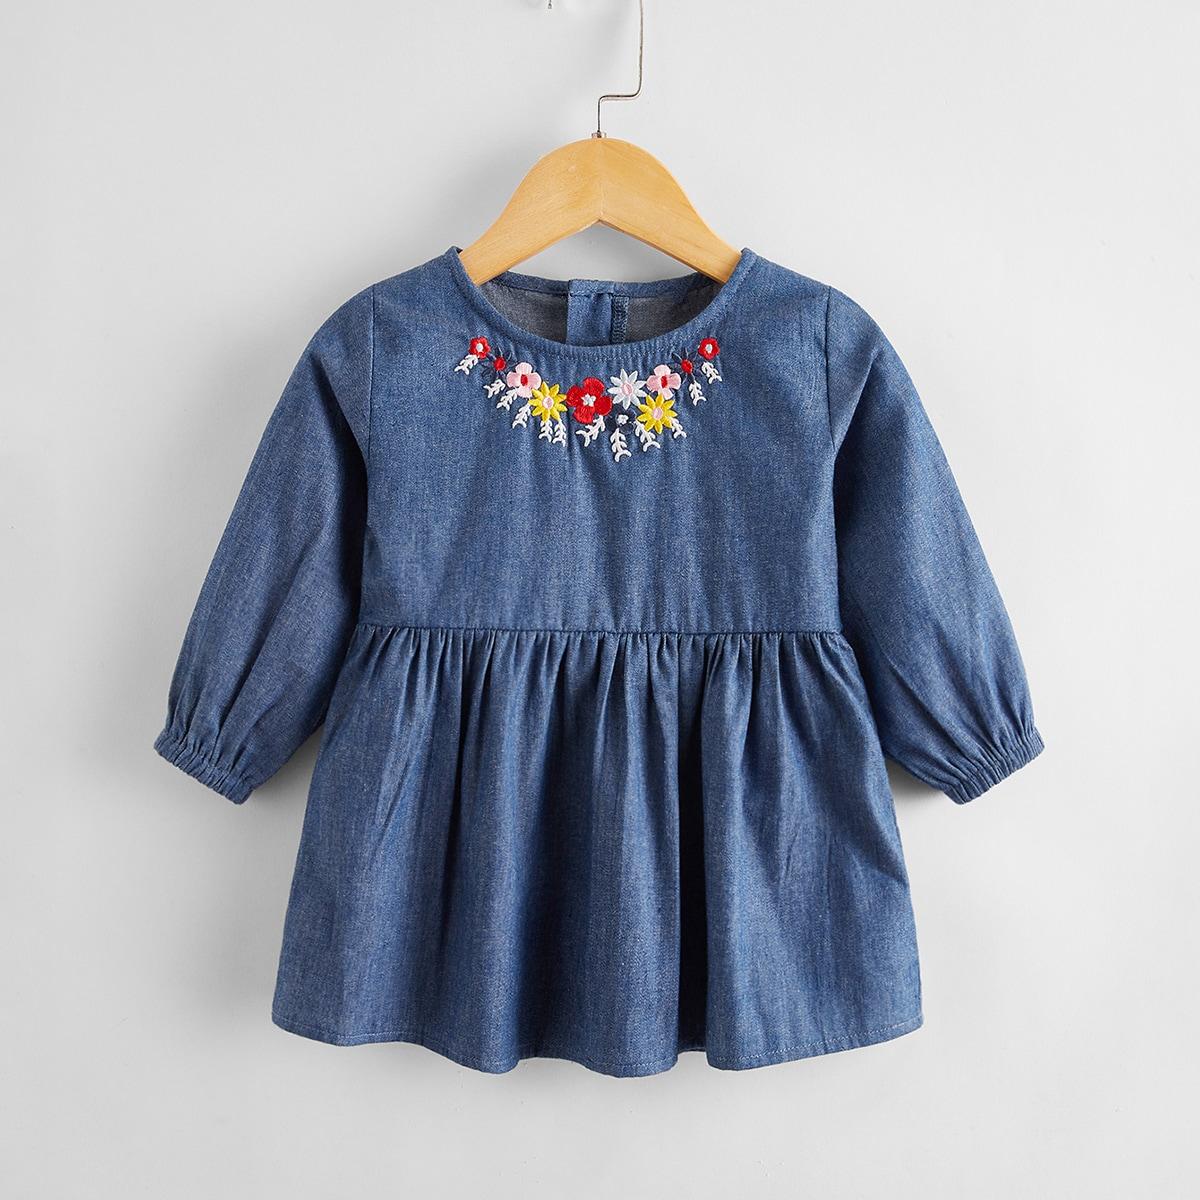 с вышивкой Со цветочками Деним для малышей от SHEIN